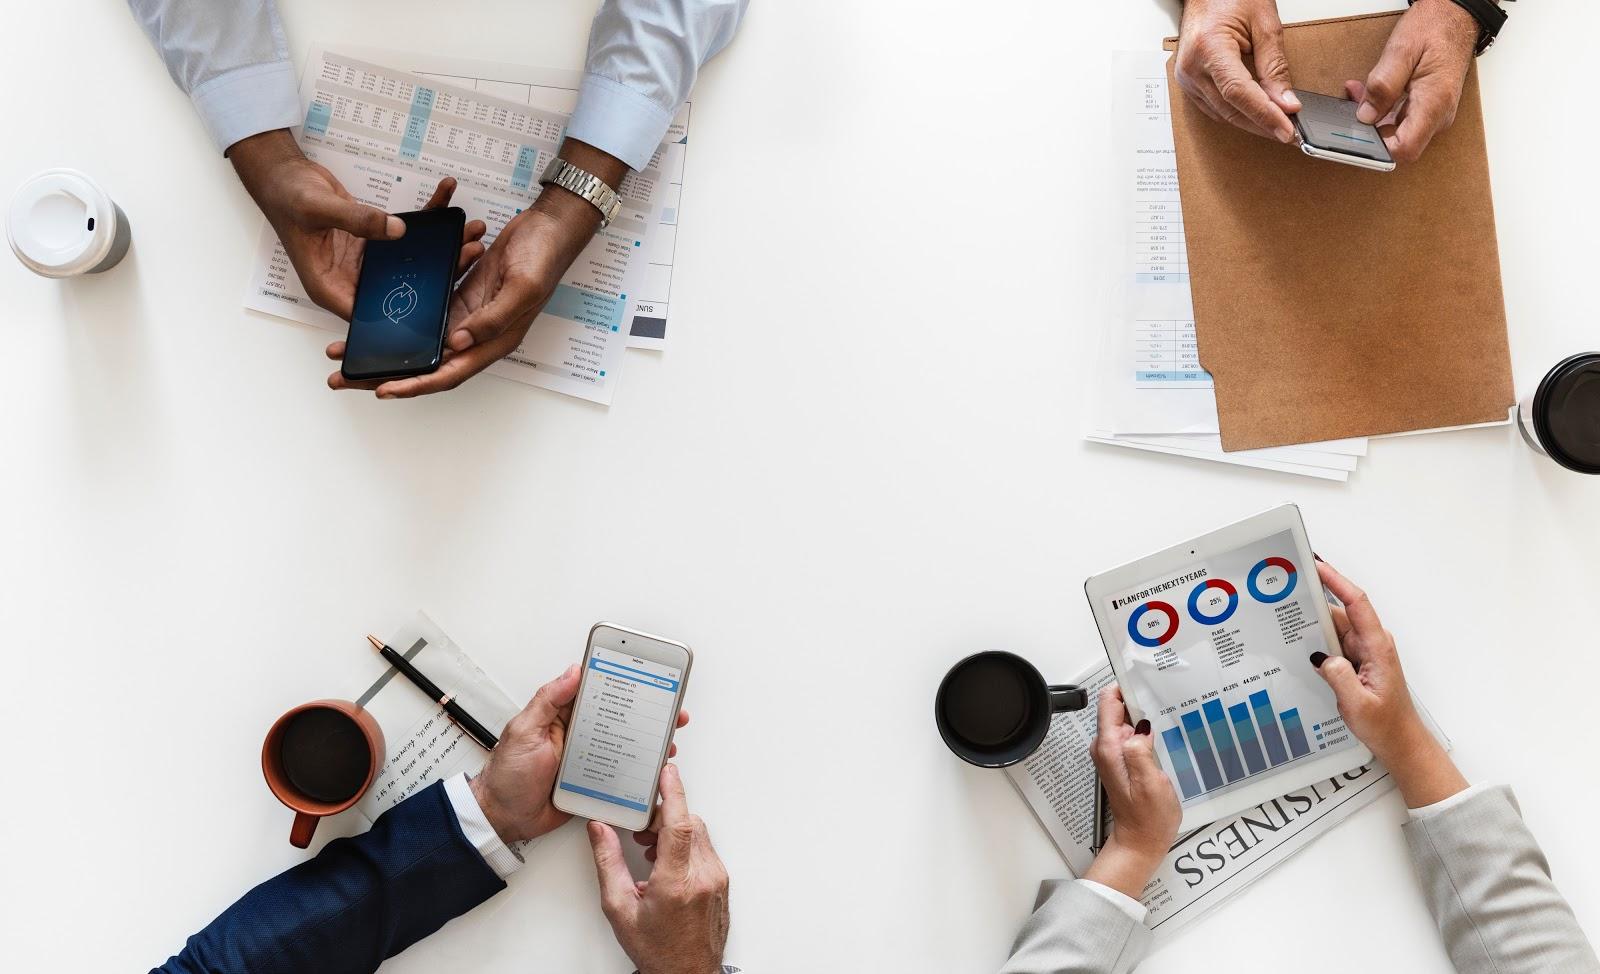 banking analysis mobile app